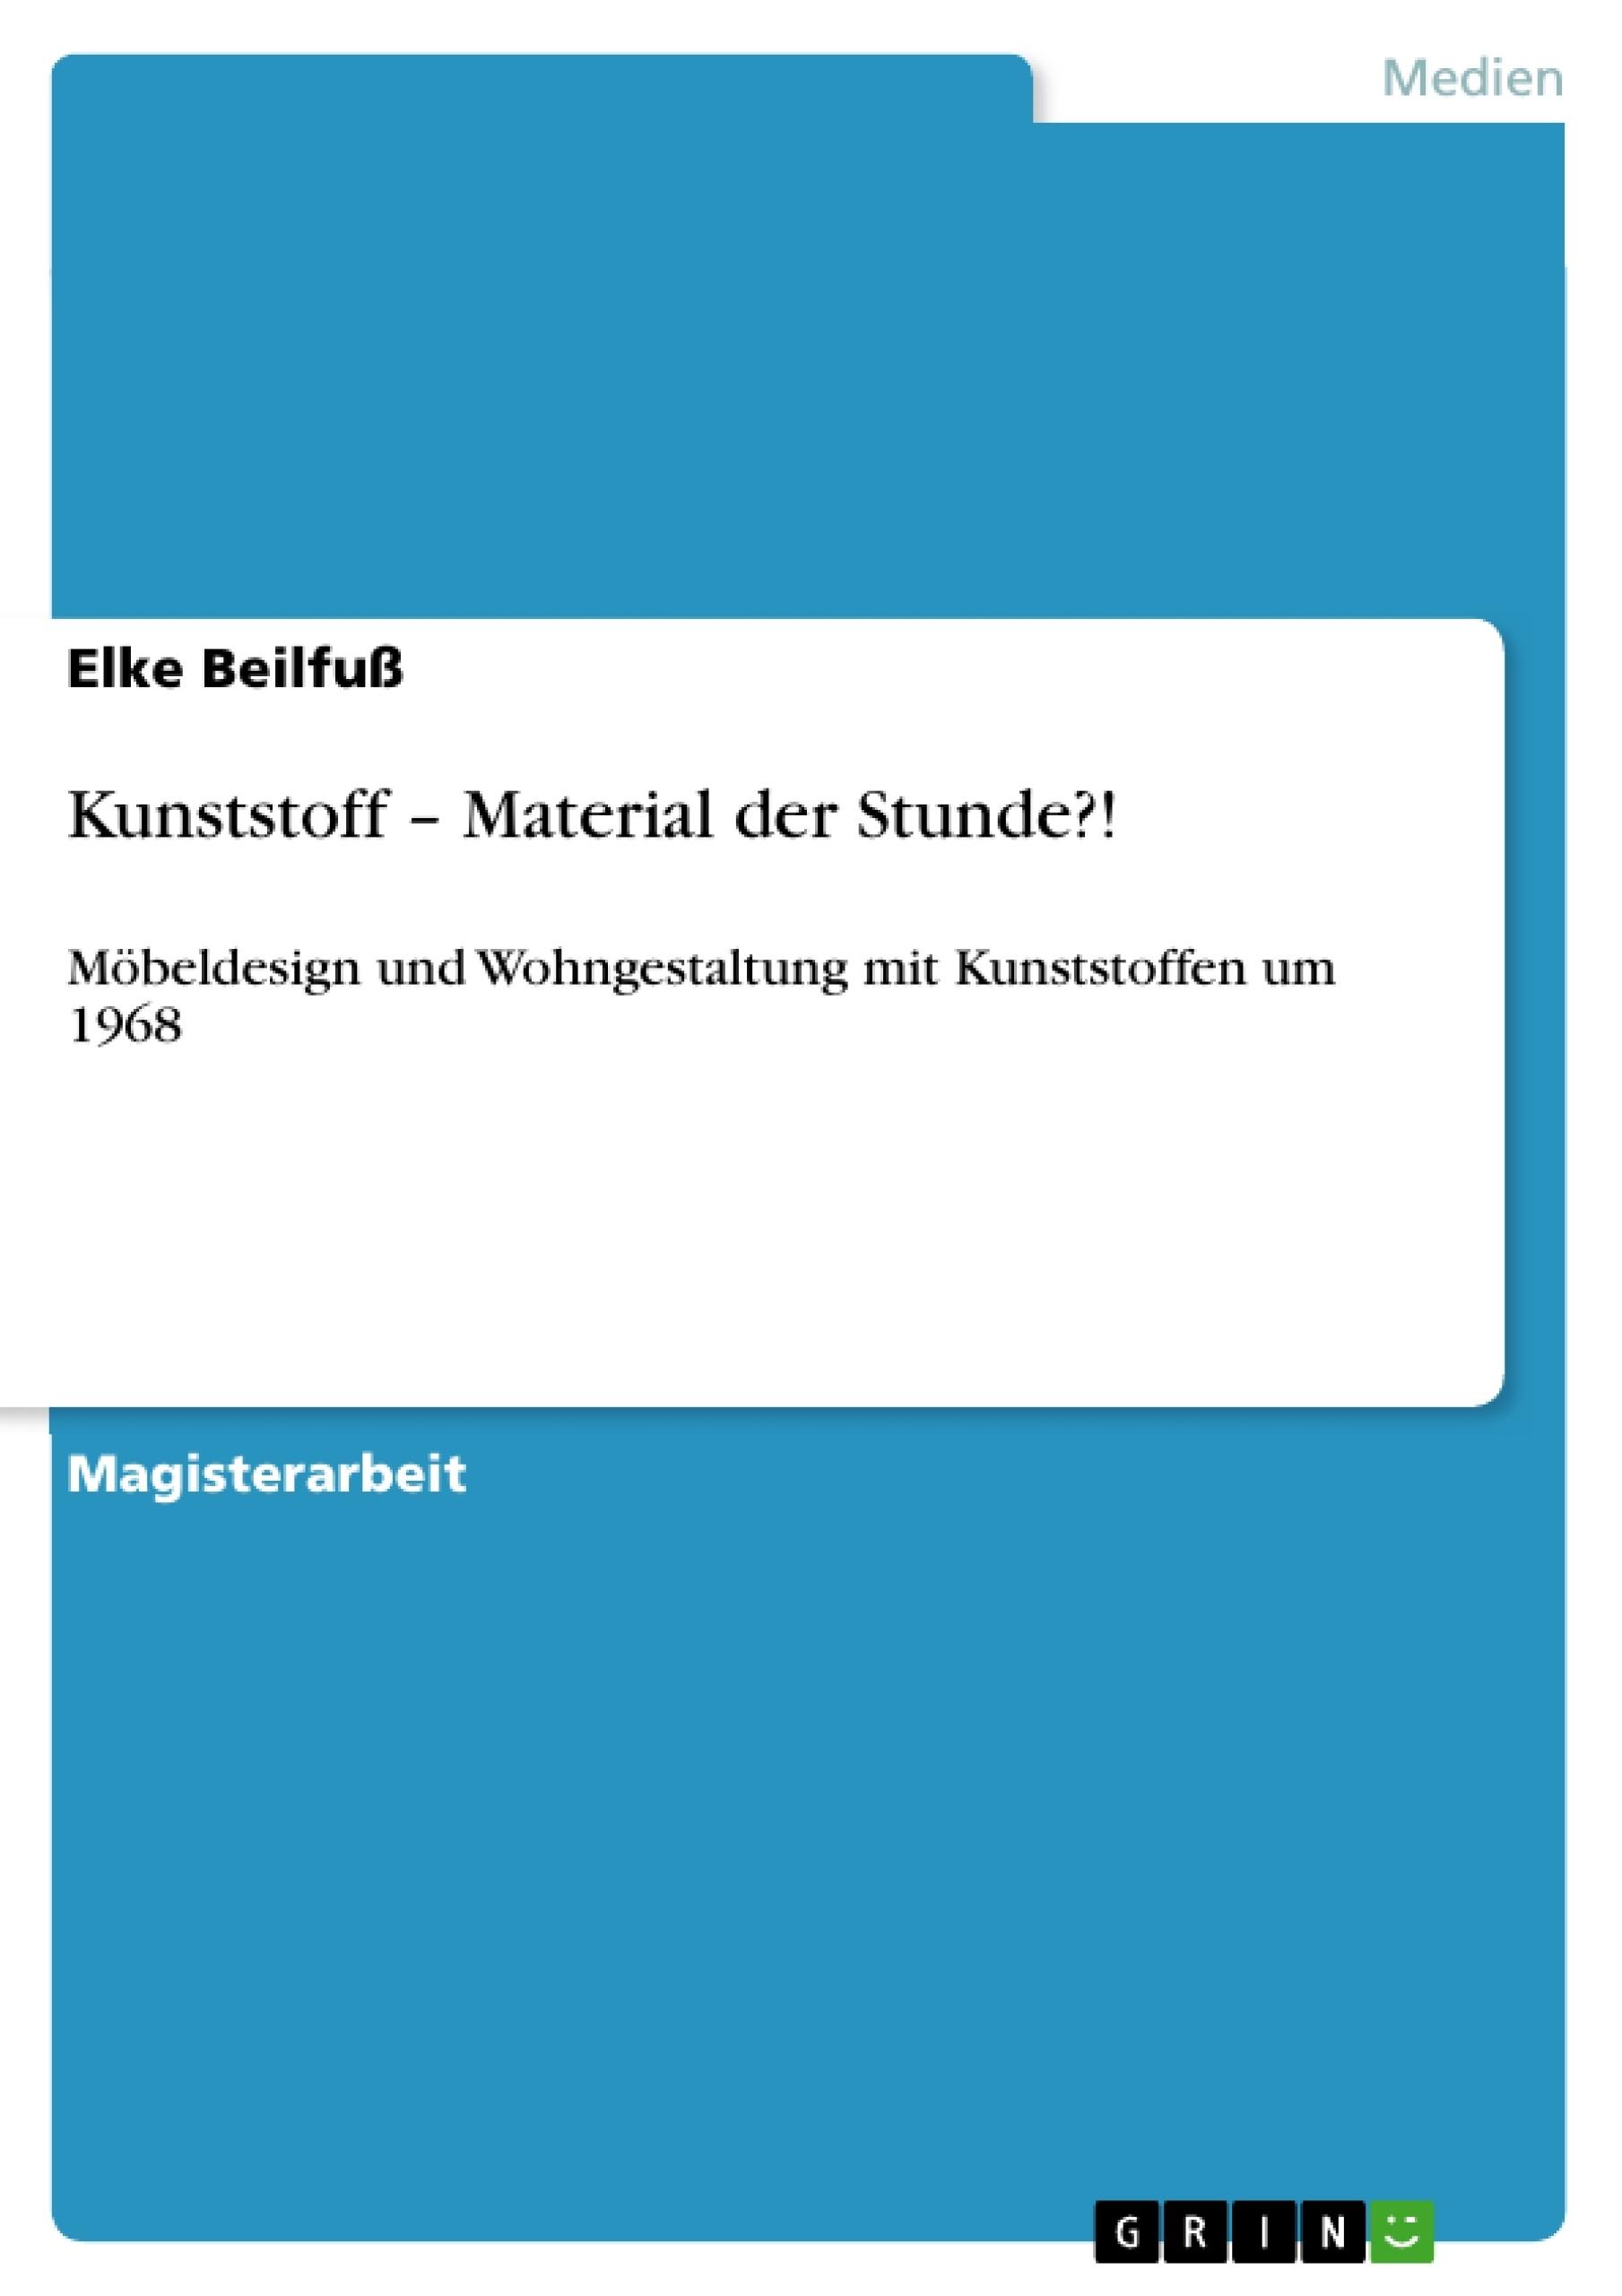 Titel: Kunststoff – Material der Stunde?!